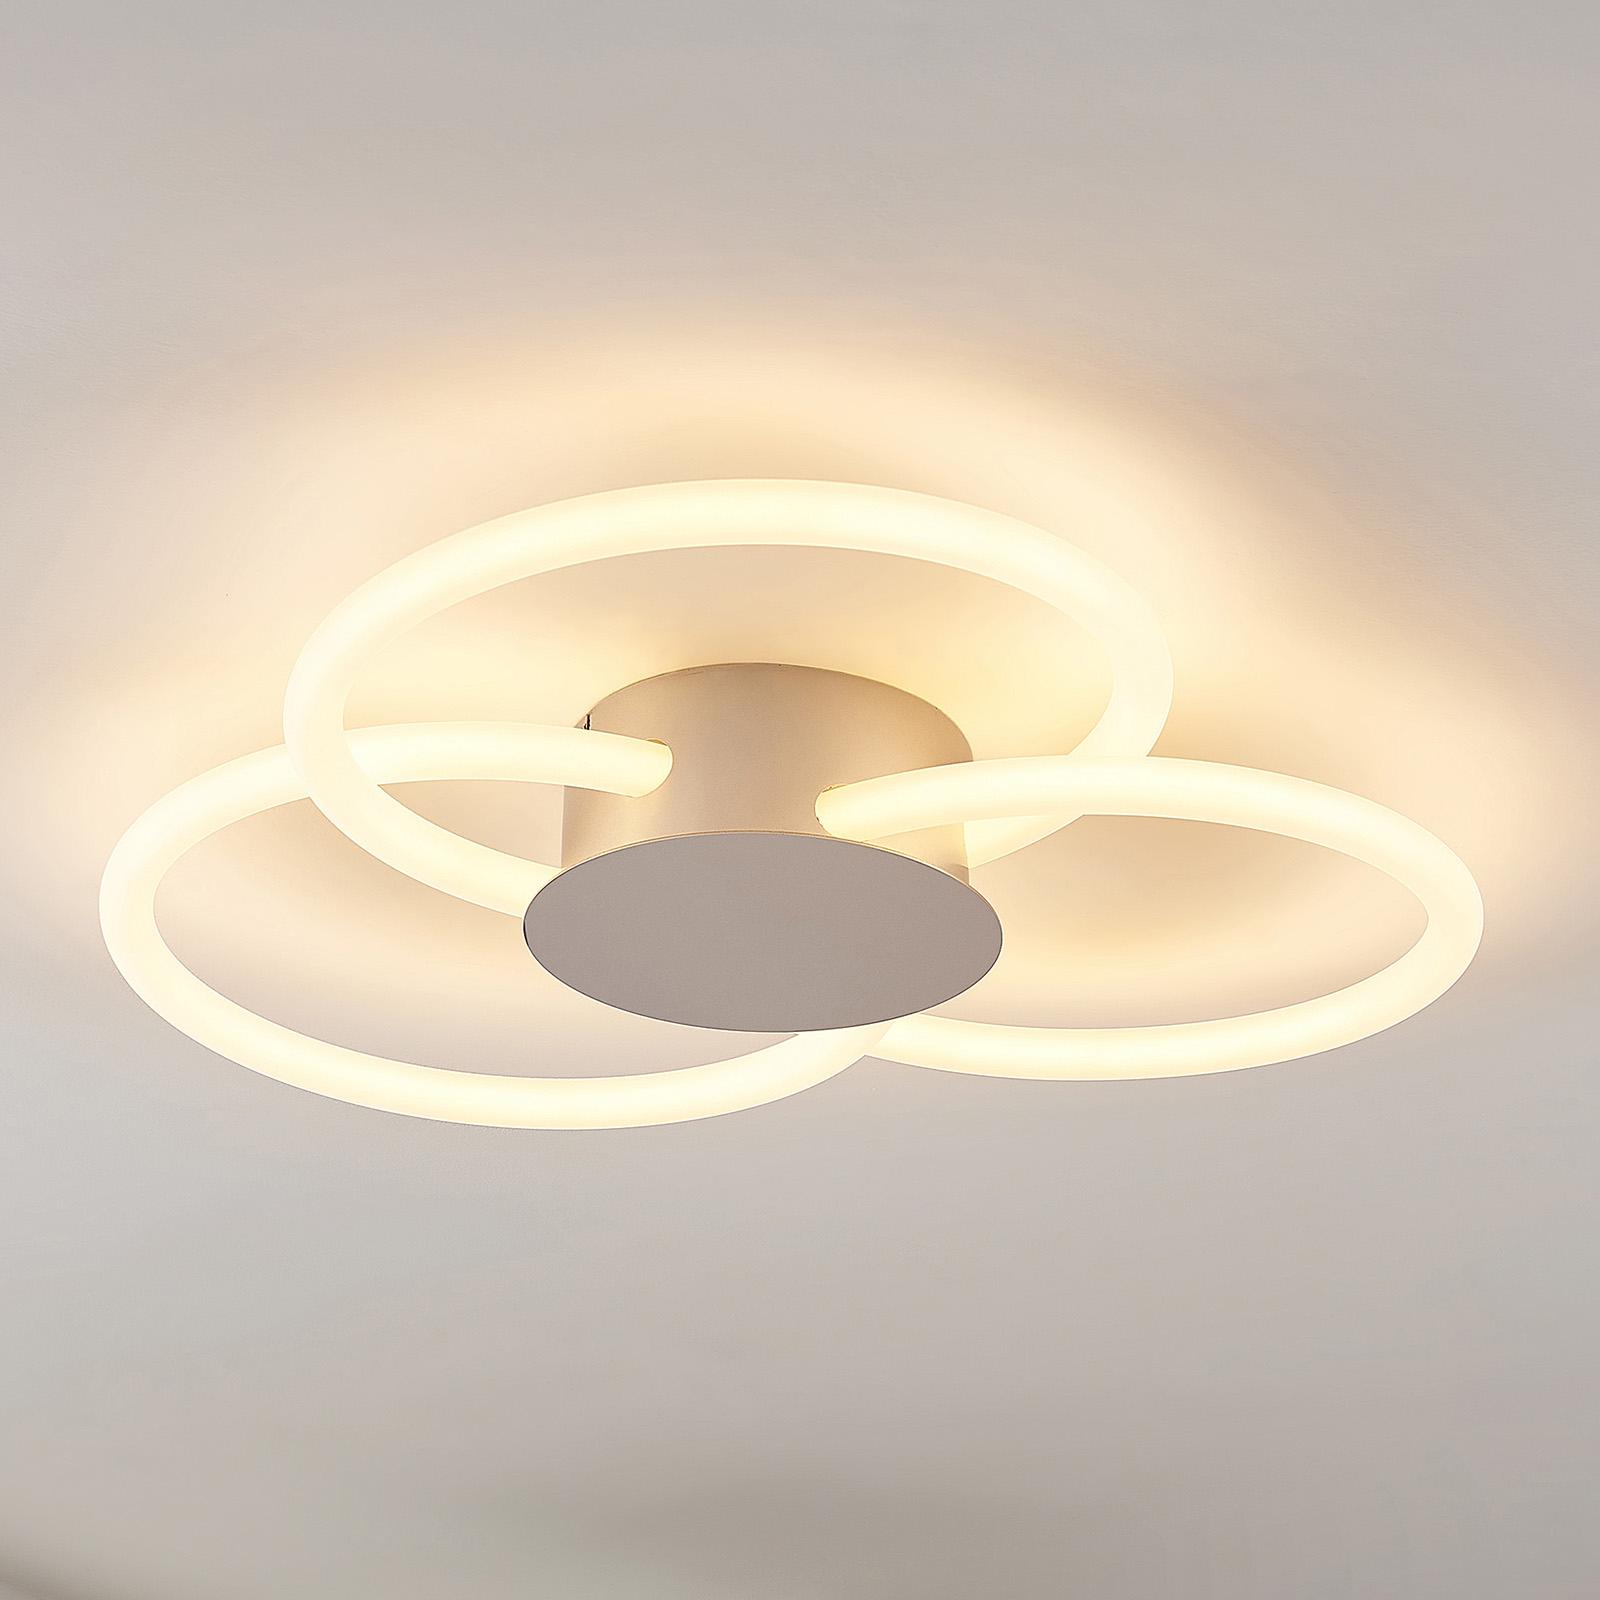 Lucande Clasa LED plafondlamp, 3-lamps